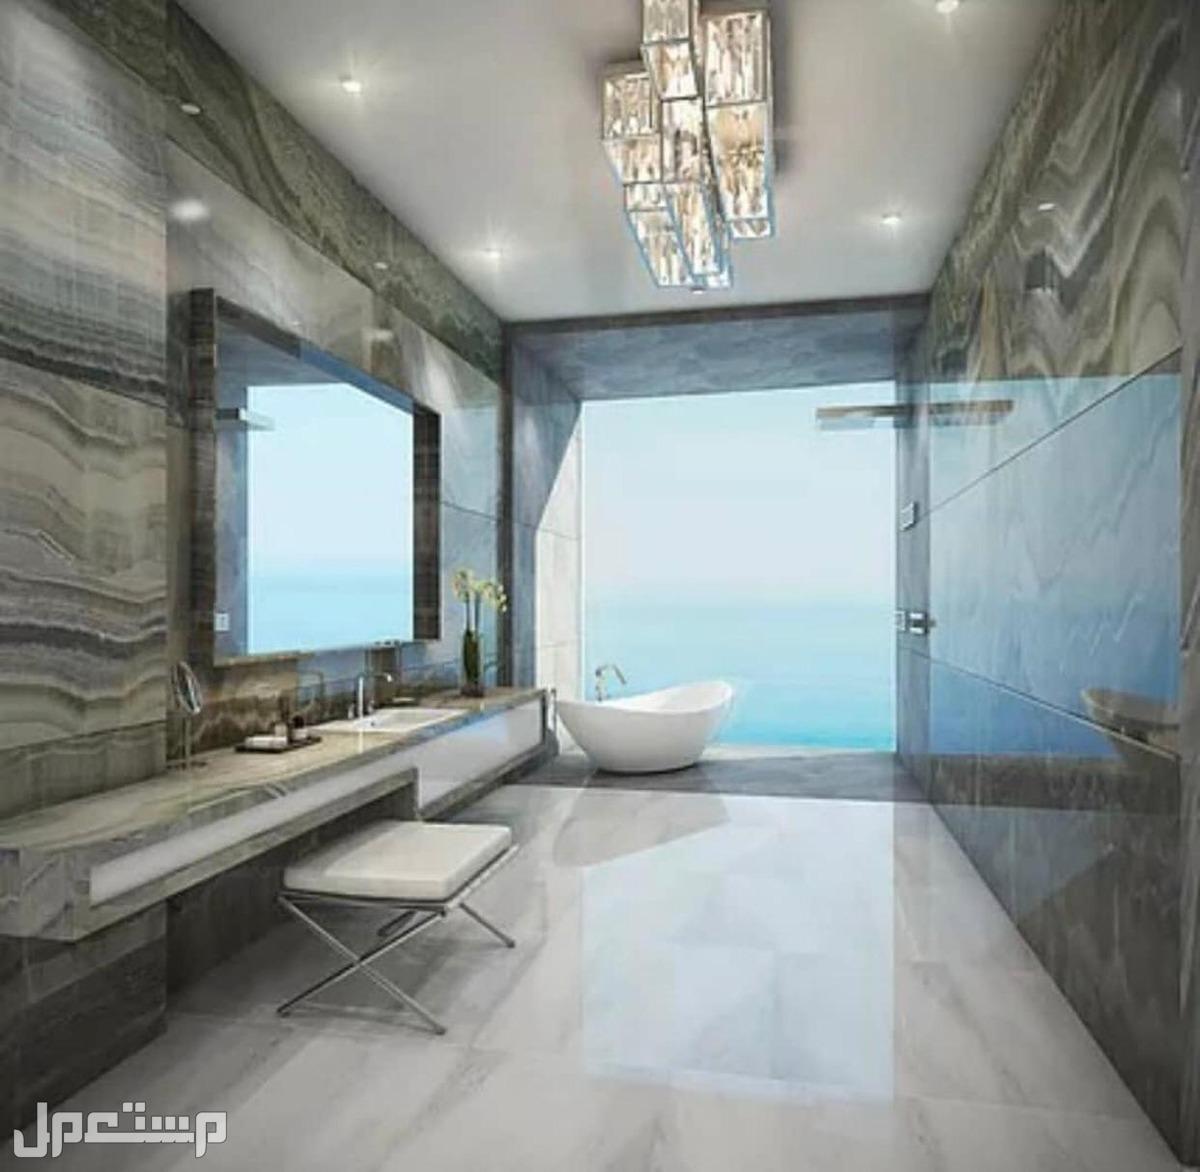 تملك البحر في منتجع المهرة الفندقي مع عوائد استثمارية مضمونة بالعقد 8% اطلالات الحمامات على البحر ايضا